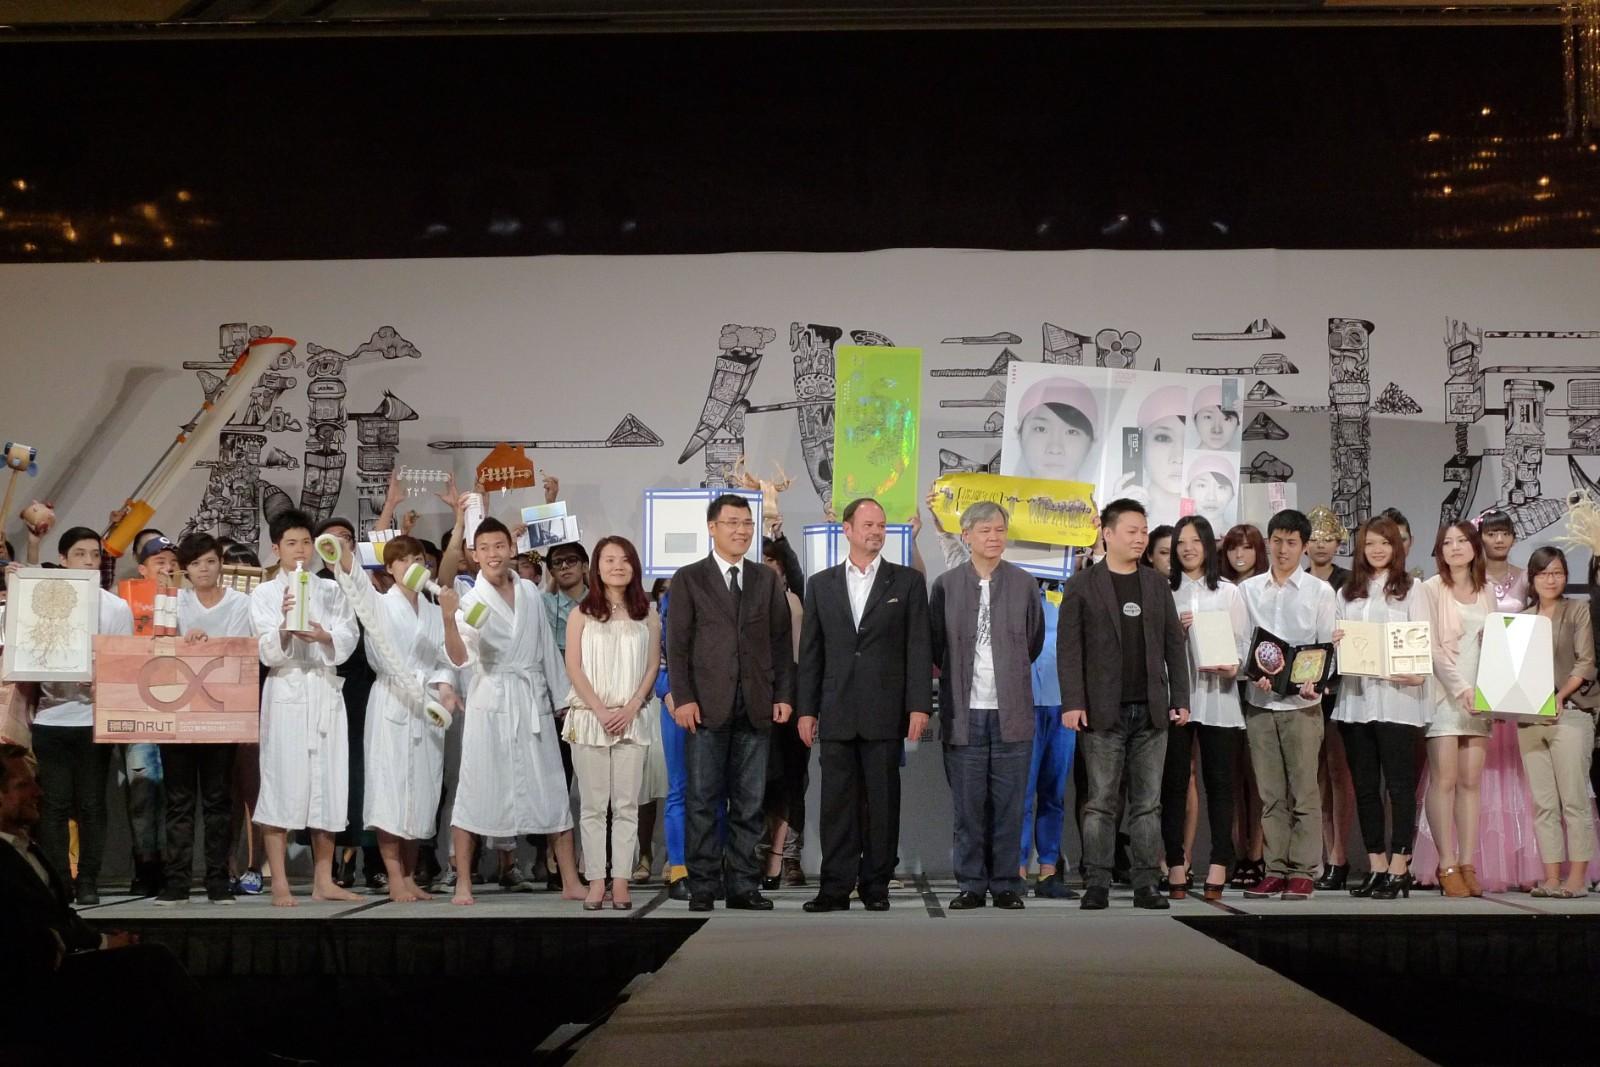 張光民學長(前排右二)關心設計教育之發展,每年均參與「新一代設計展」。.jpg